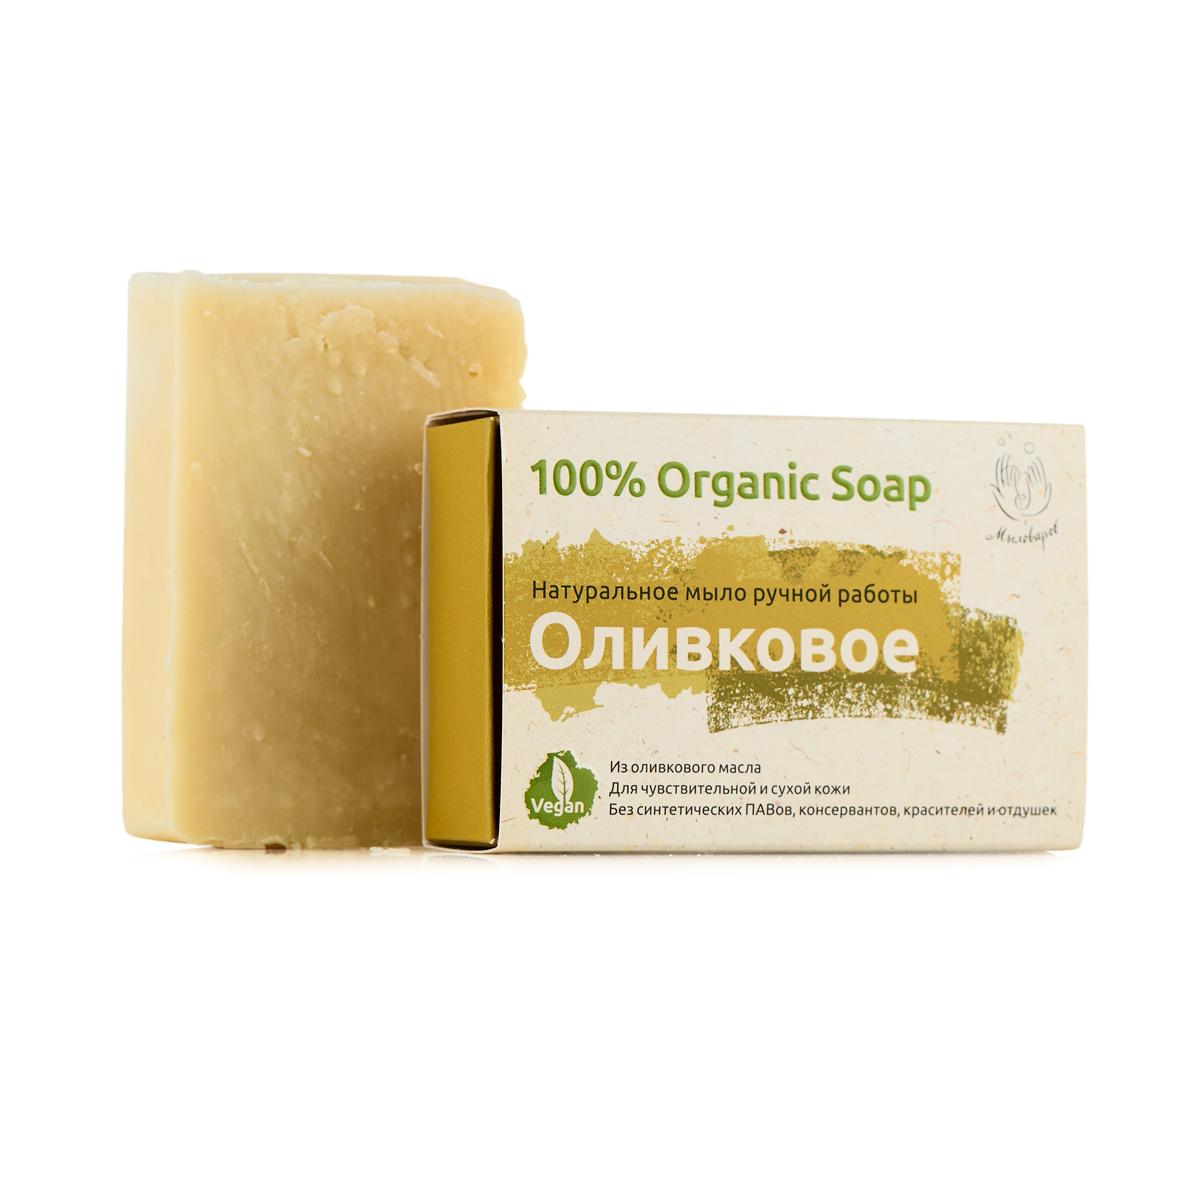 Мыловаров Натуральное мыло Оливковое 2 х 80гр.MYL-УТ000002129Это мыло достойно лаврового венка – оно обладает уникальными омолаживающими свойствами. 100% содержание натурального оливкового масла, полученного холодным отжимом, чудесным образом преображает кожу, превращая в безупречный шелк. Ваша кожа будет блаженствовать, ощущая бережное прикосновение этого удивительно нежного натурального мыла. Это 100% натуральный продукт, не содержит искусственных ПАВов, отдушек, красителей и консервантов. Хранить такое мыло нужно в пергаментной бумаге, обеспечивая доступ кислорода. Ни в коем случае не заворачивать в пленку, потому что мыло может испортиться. Мыло должно дышать.